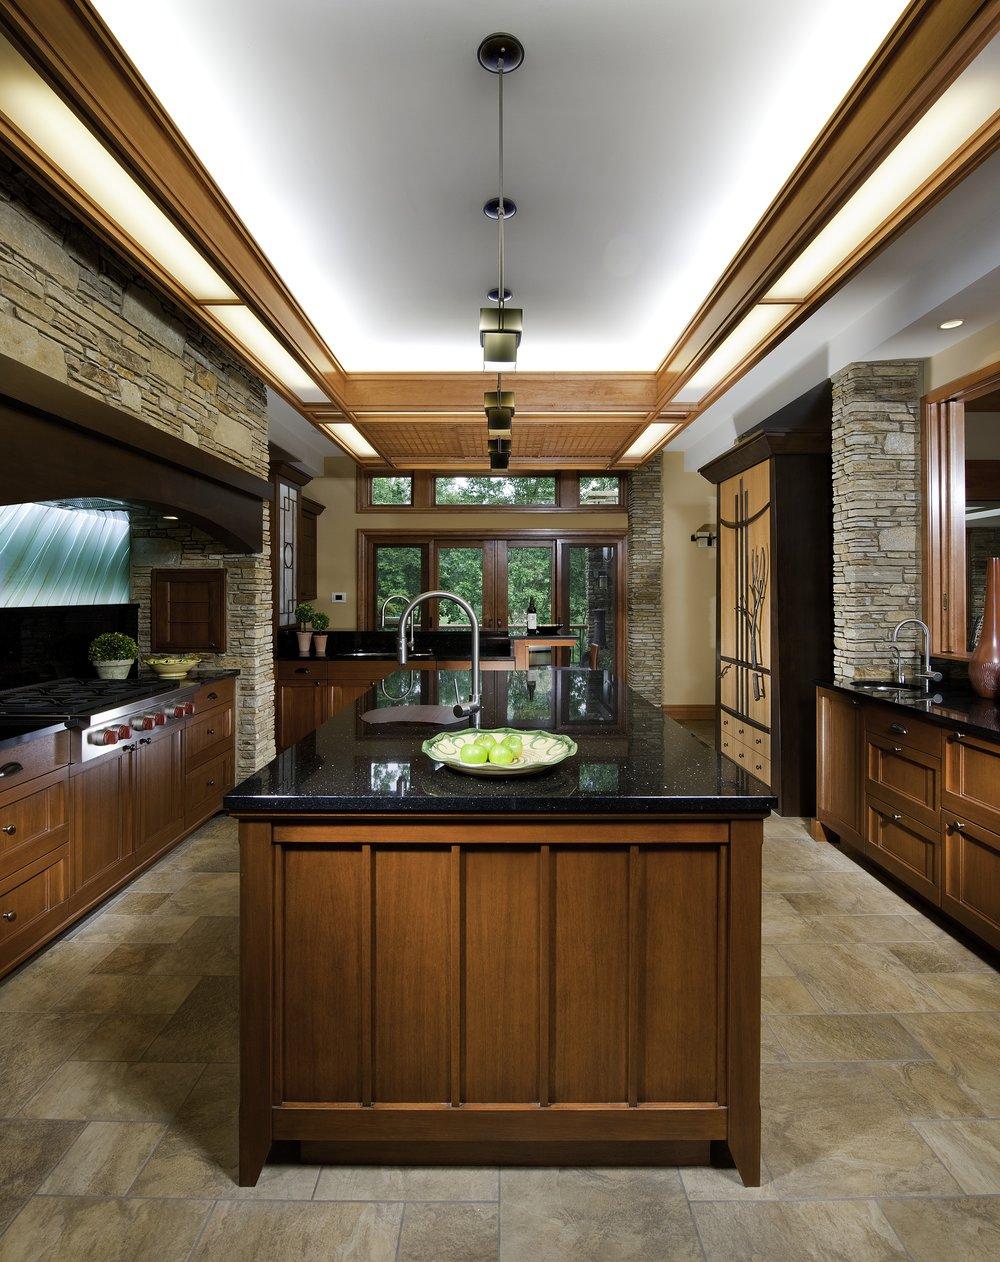 KBC_kitchen_bath_concepts_Kitchen_133.jpg